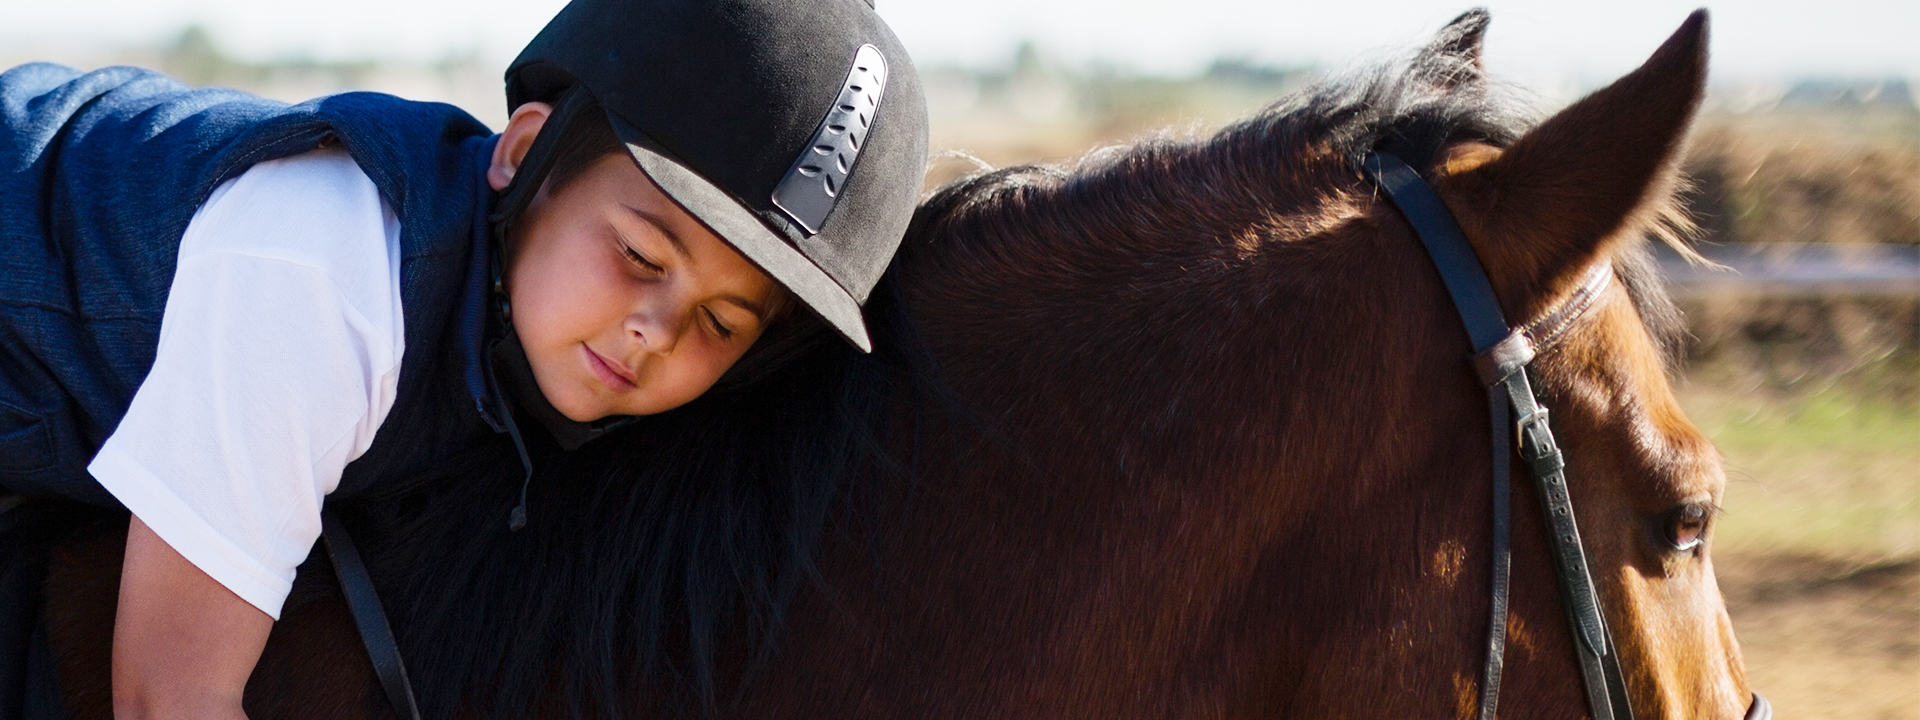 Stall-C er et ridesenter i Malvik som tilbyr ridefysioterapi med fysioterapauter som er spesialisert på terapiridning og rideinstruktør Cathrine Løften